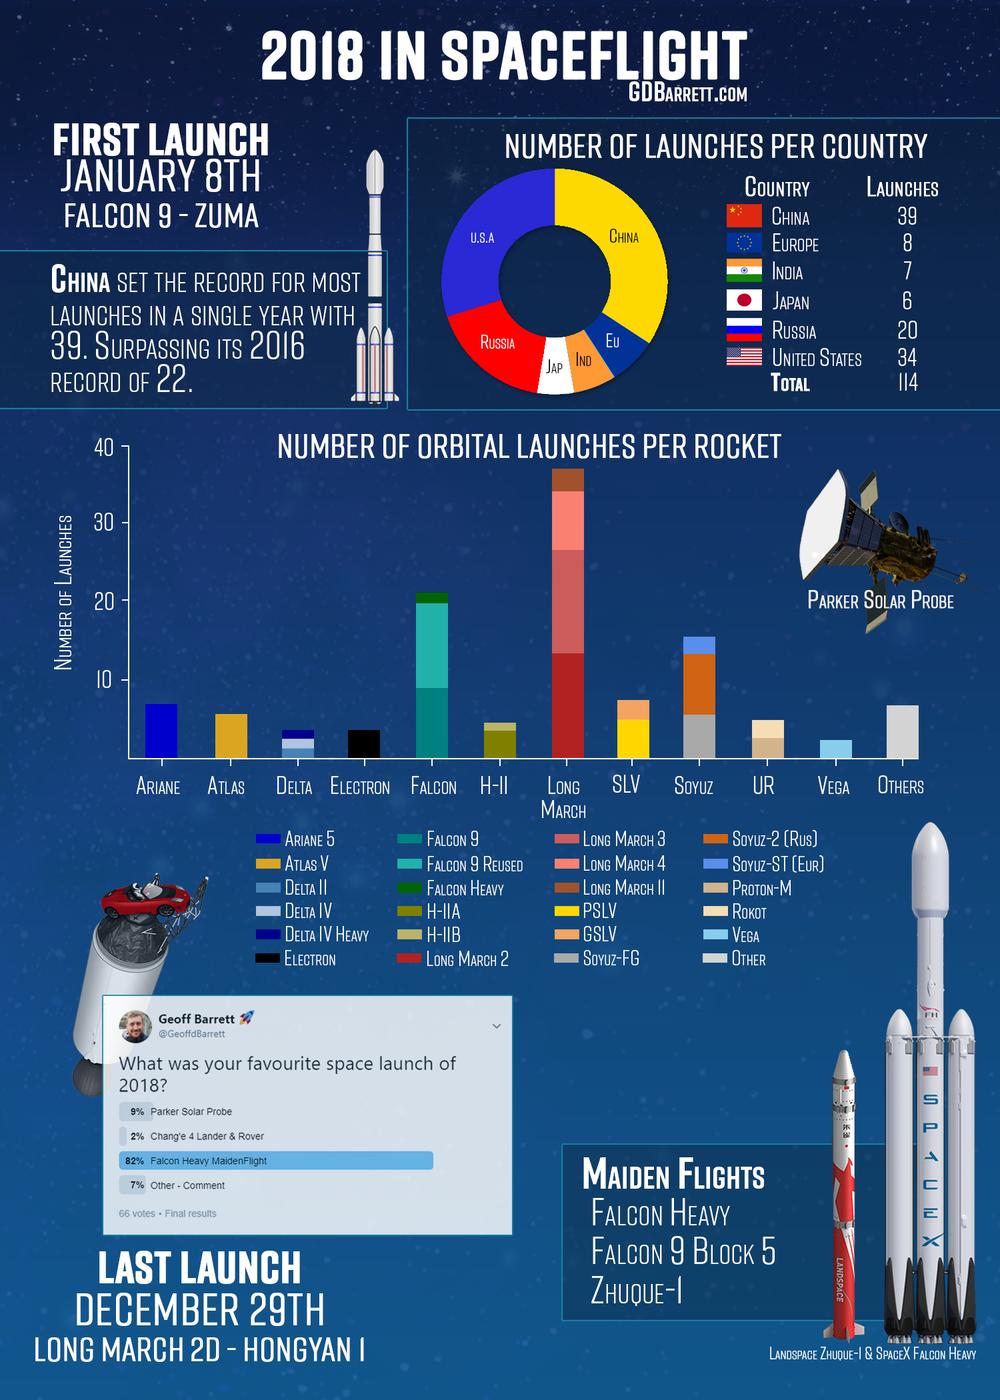 2018 in Spaceflight